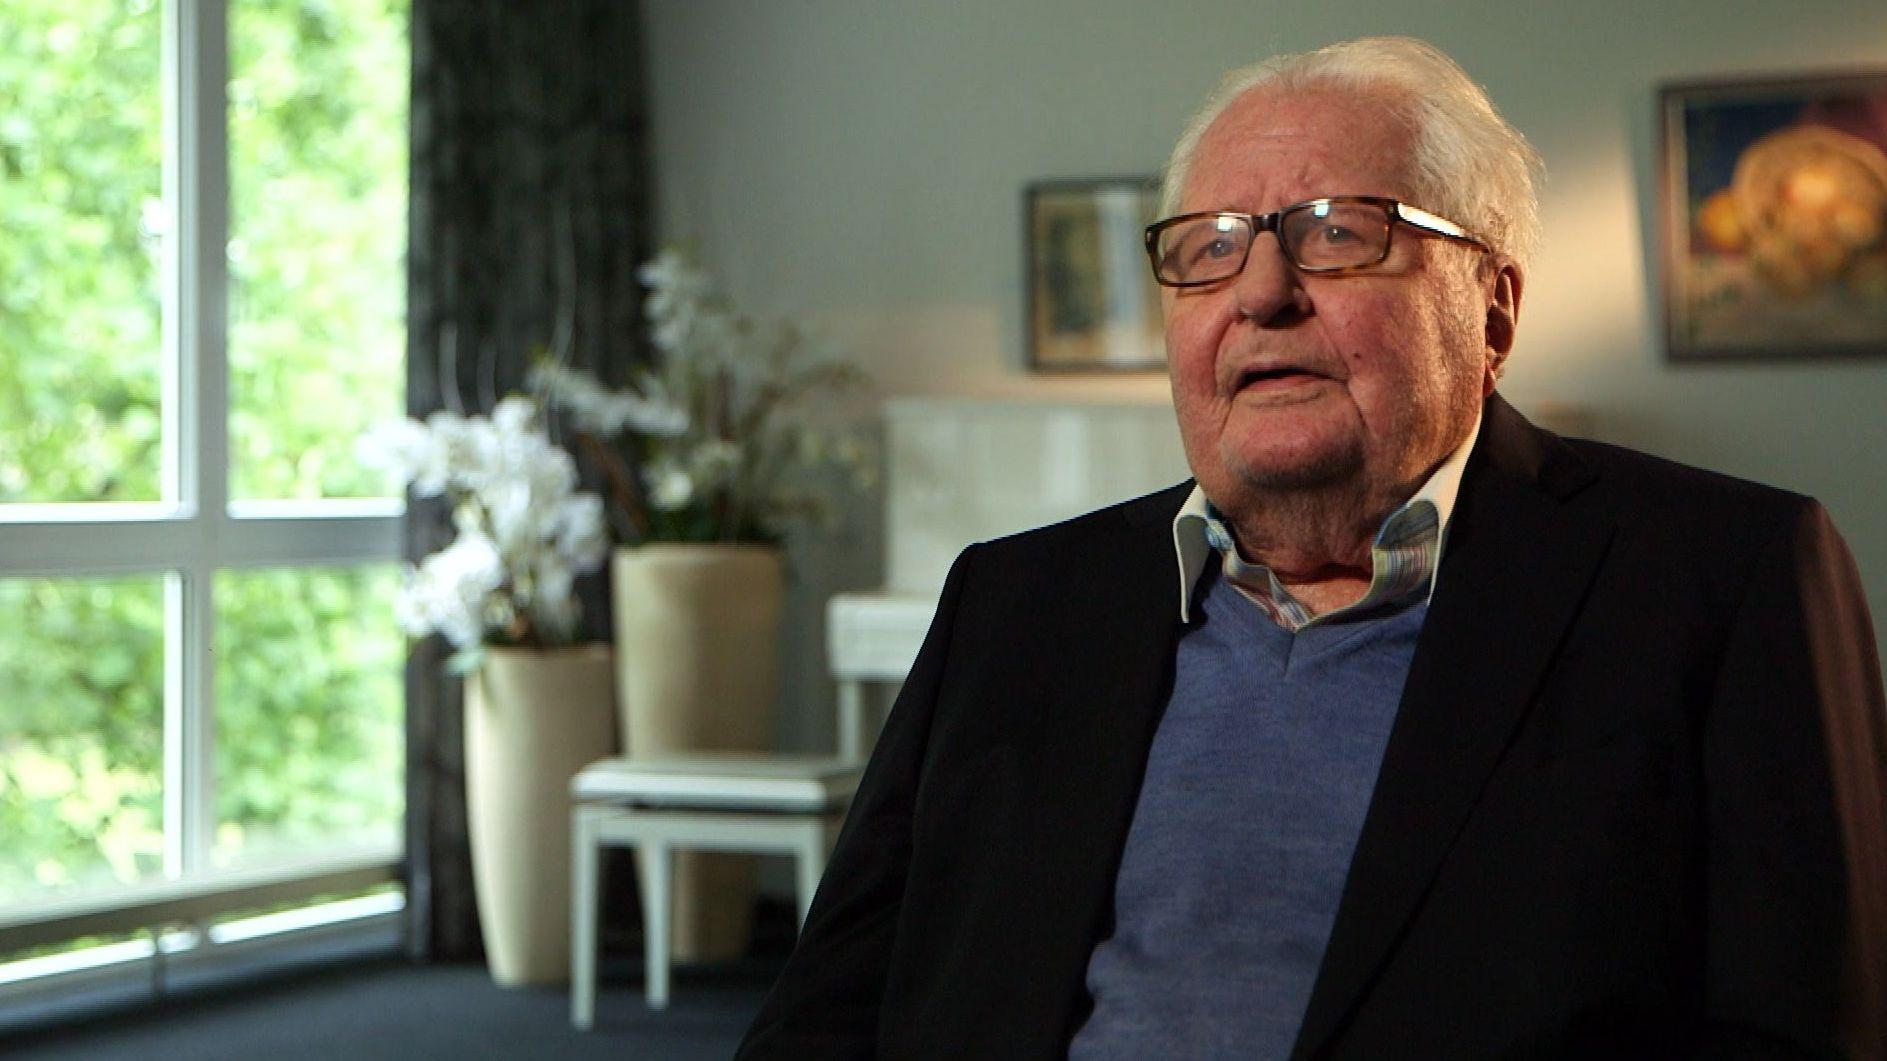 Hans-Jochen Vogel, der ehemalige Oberbürgermeister von München ist einer der letzten Zeitzeugen, der sich noch genau an die Zeit erinnern kann, als der Zweite Weltkrieg ausbrach.